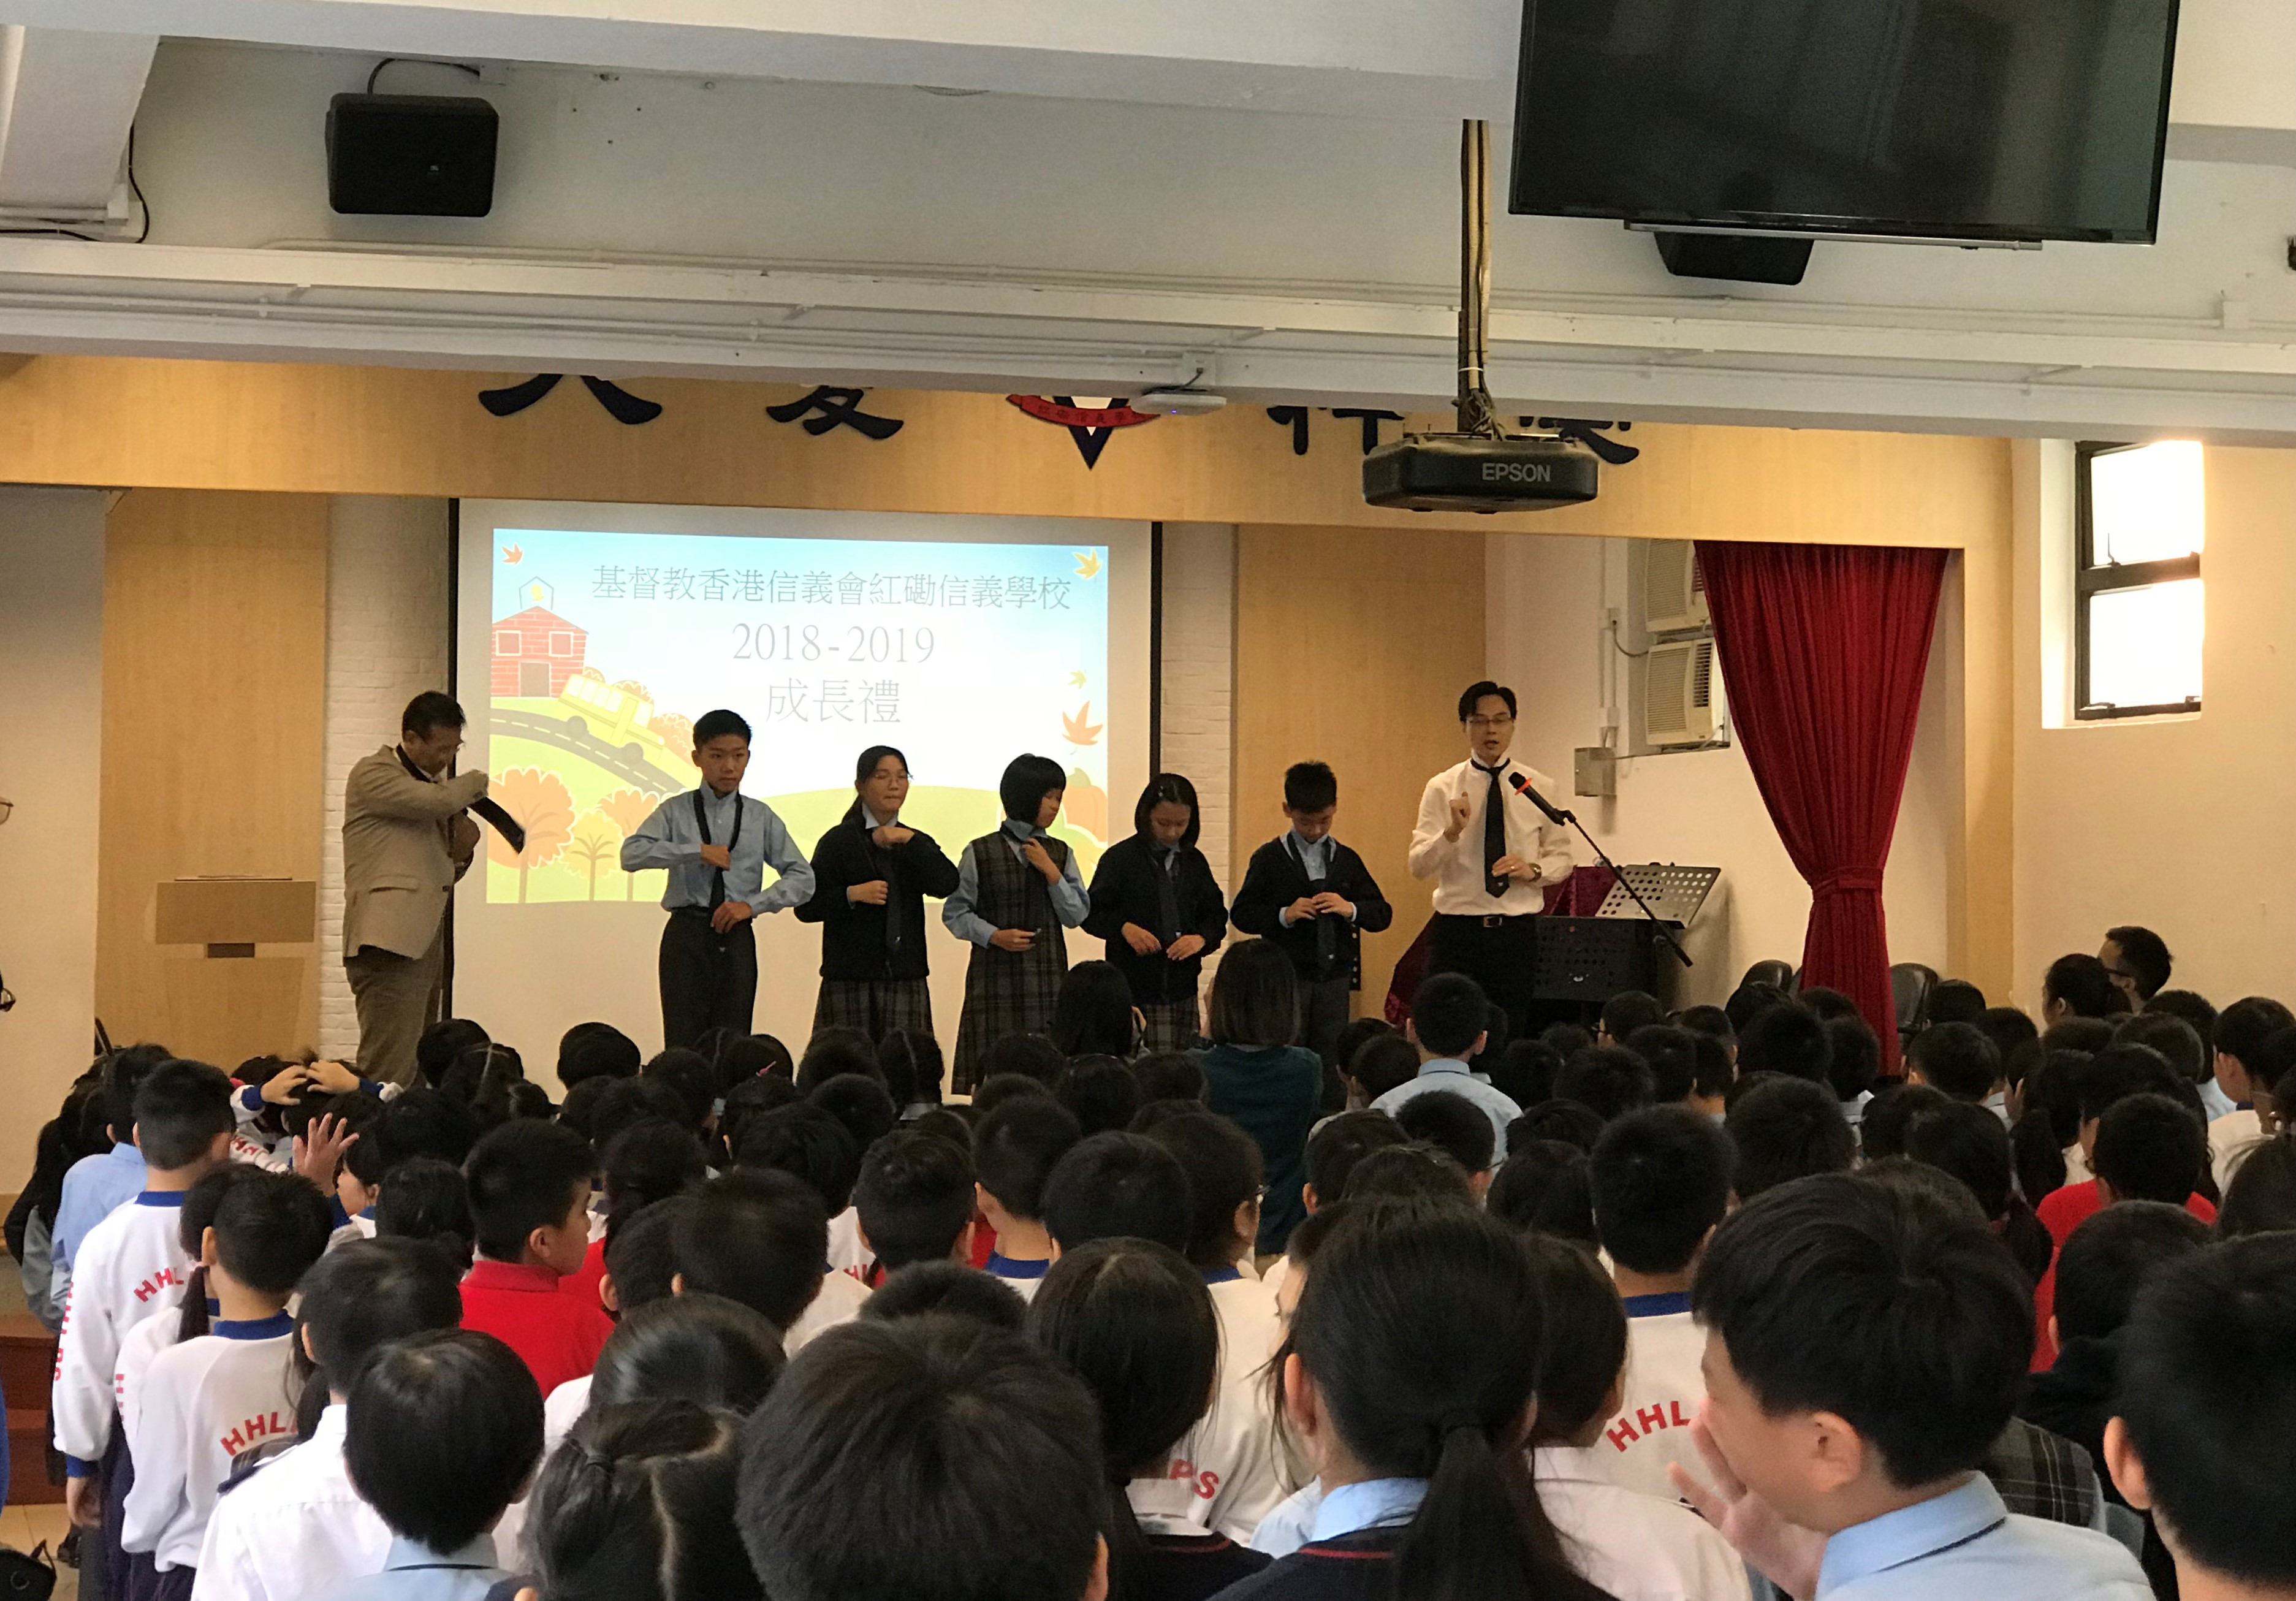 黃智華校長(右一)示範繫領帶r